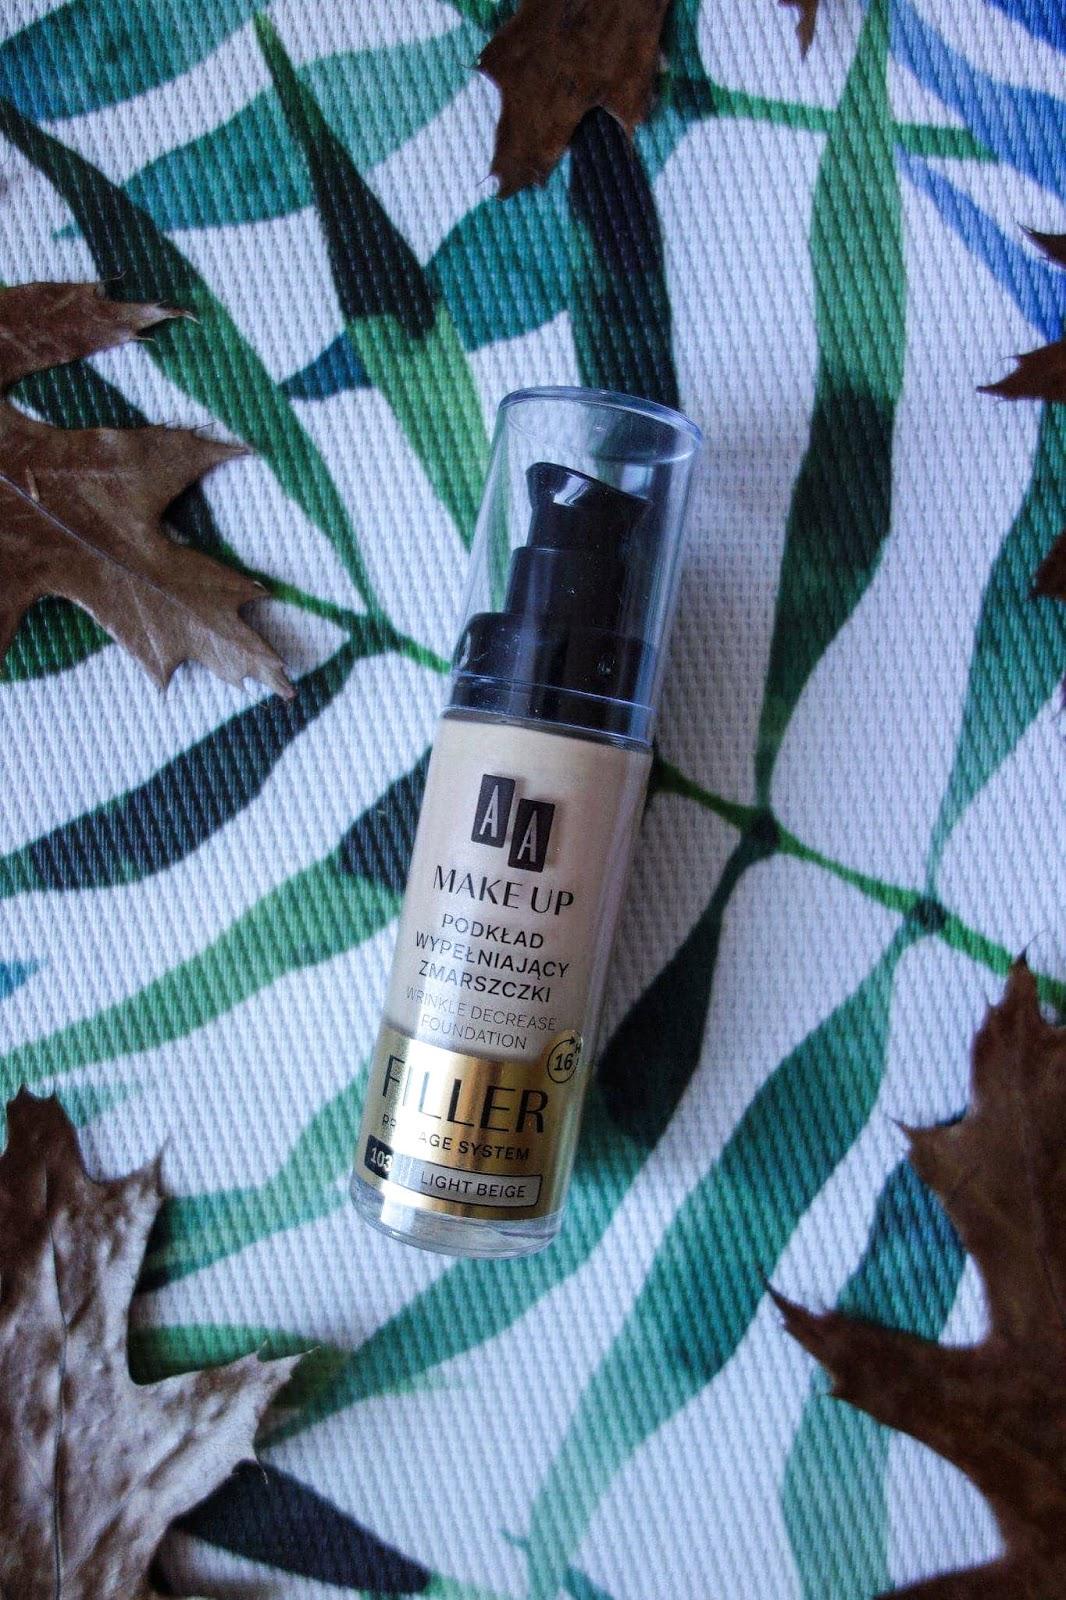 Podkład AA Make Up Filler | Podkład idealny dla cery suchej i dojrzałej